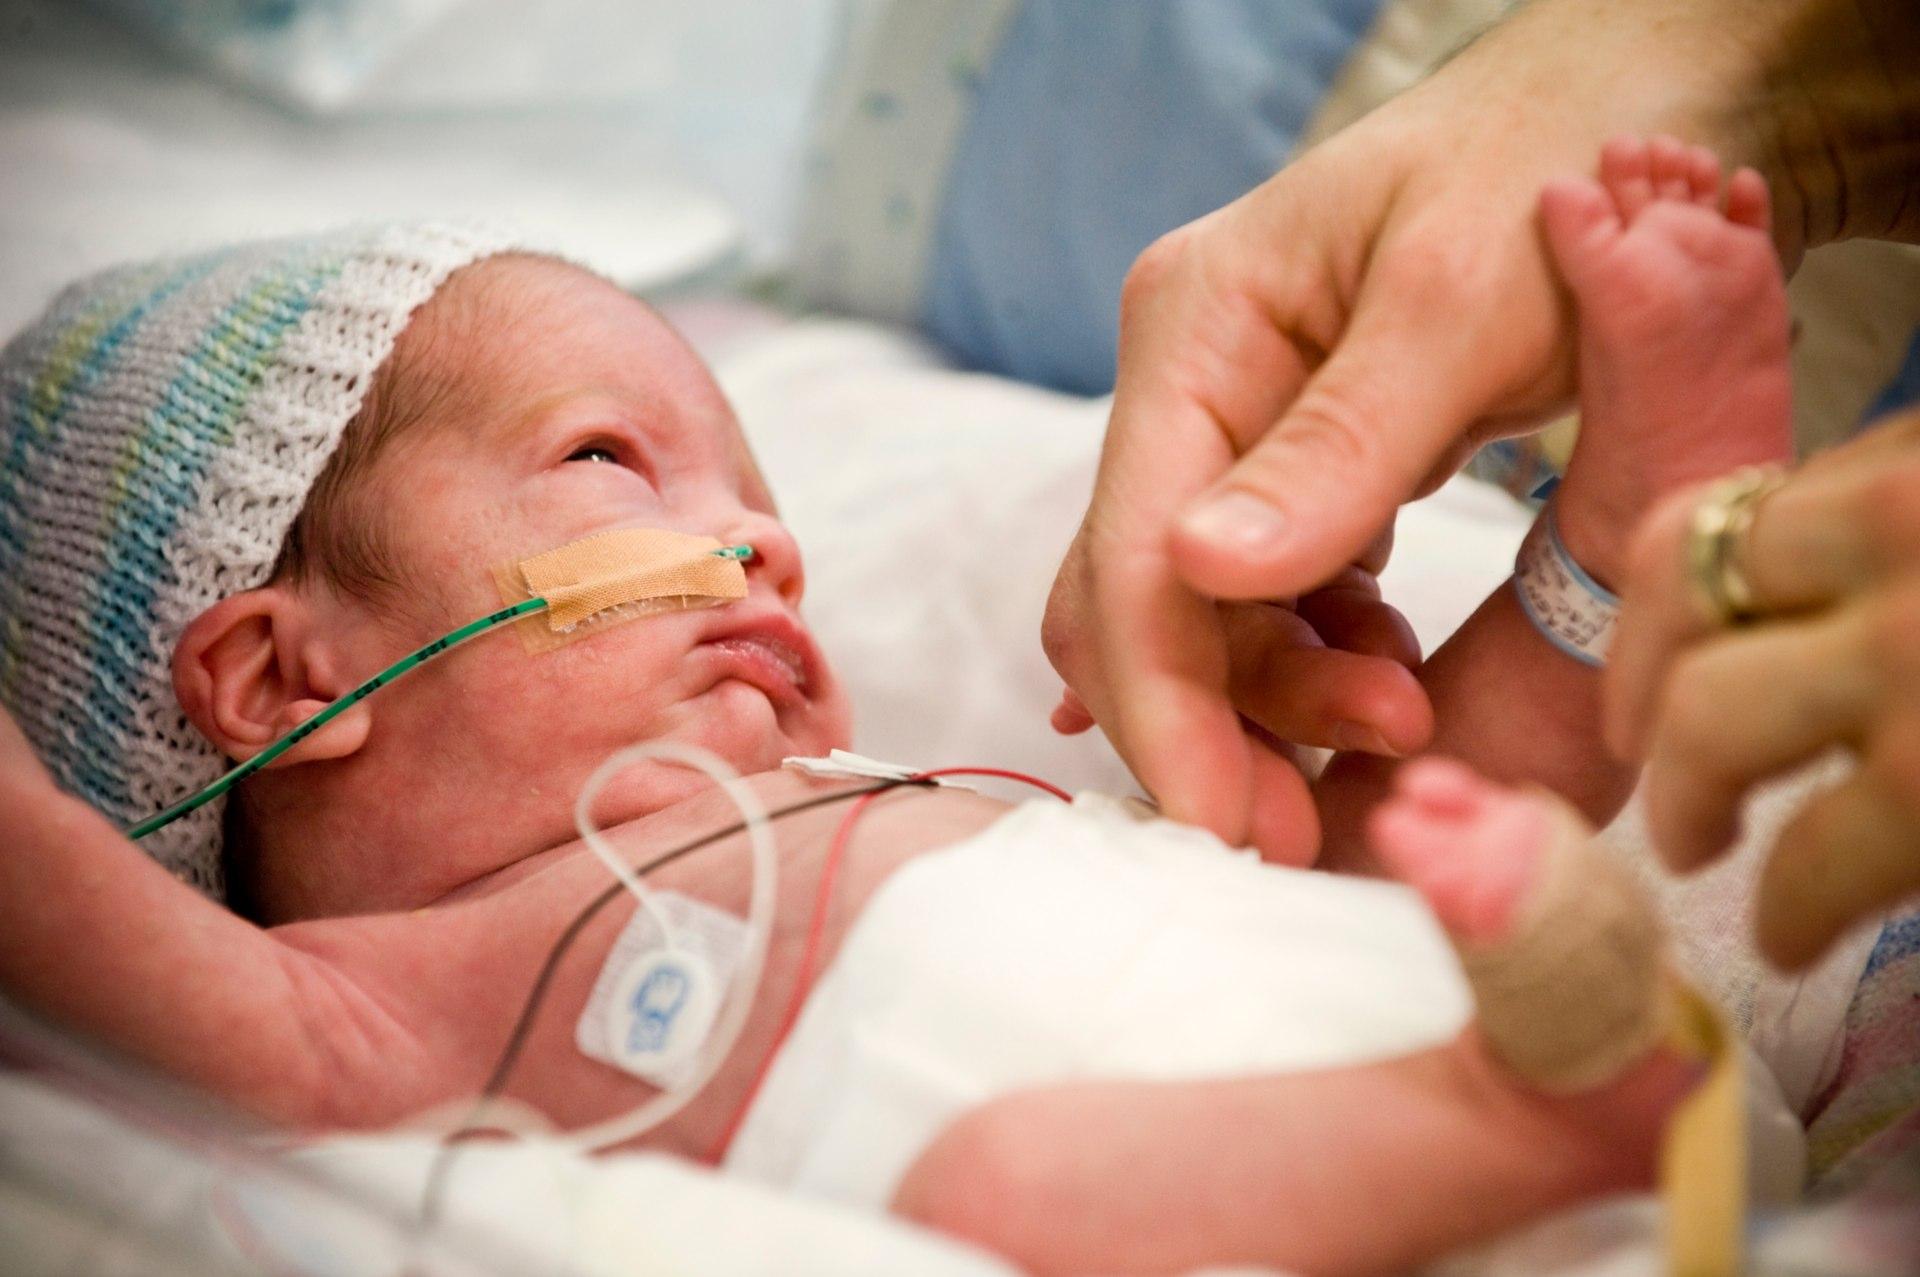 Преждевременные роды могут привести к гибели младенца, поэтому важно регулярно посещать врача